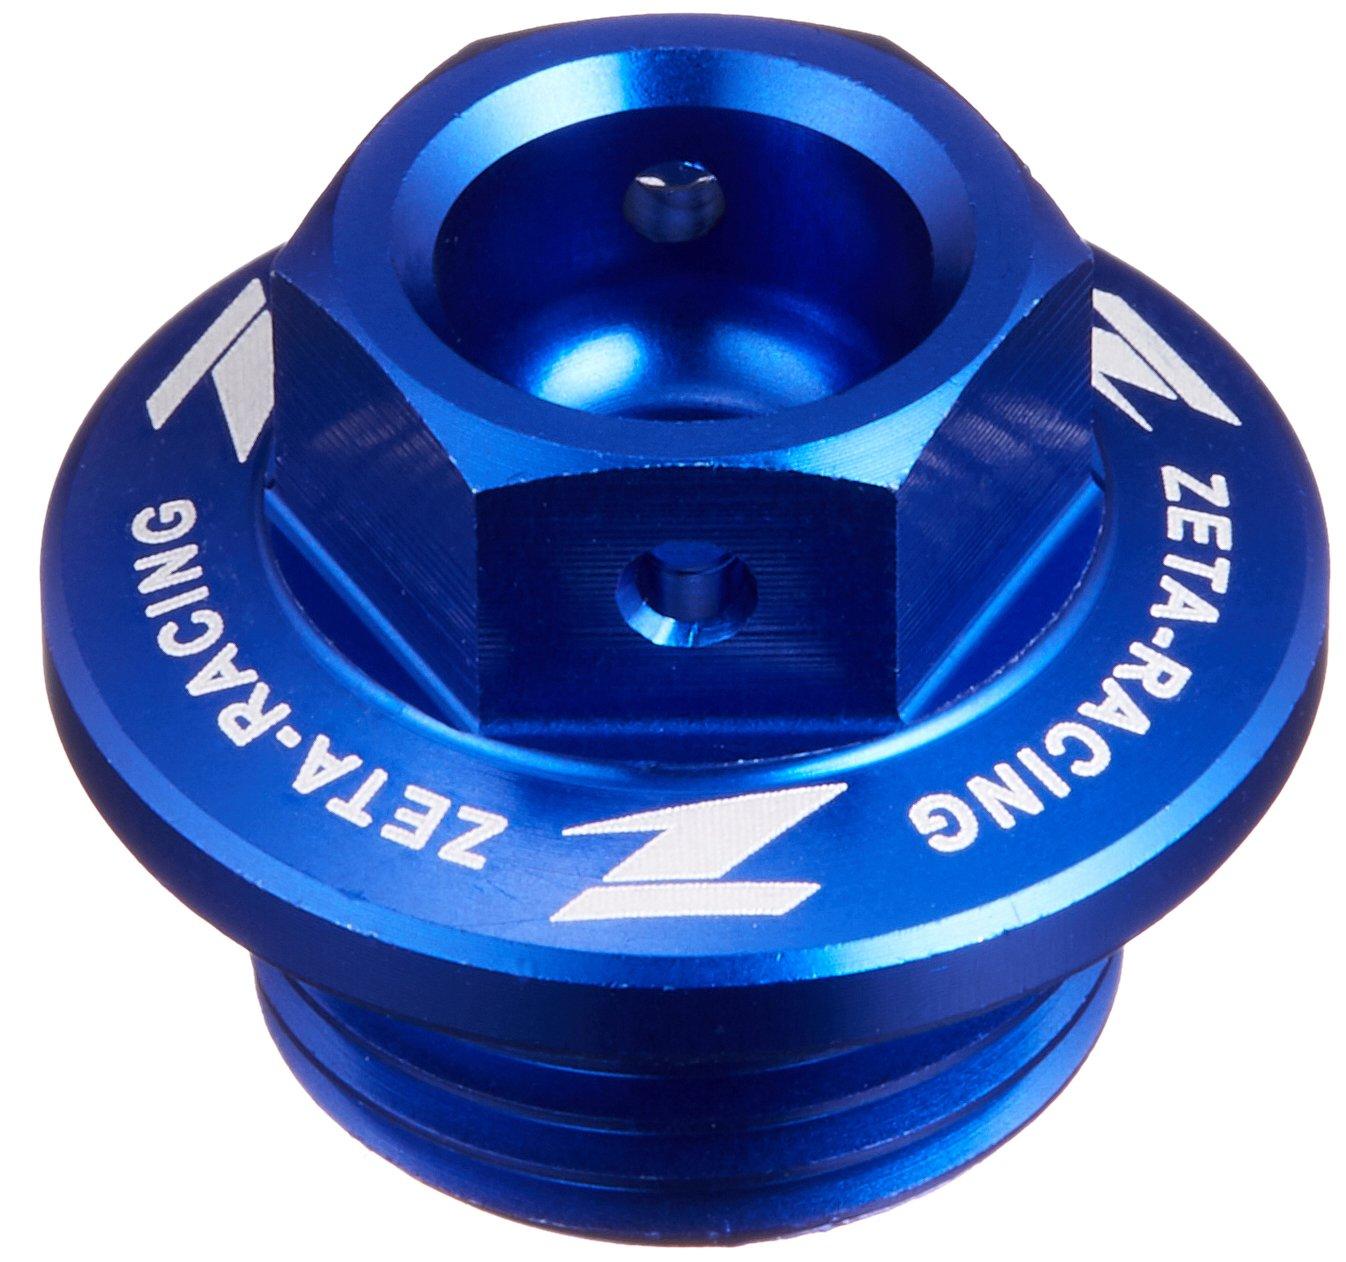 Zeta (ZETA) oil filler cap aluminum Blue Screw diameter / screw pitch: ?18 / P = 1.5 Suzuki [SUZUKI] Kawasaki [KAWASAKI] KX250F (04-14) Ketiemu [KTM] Husqvarna [Husqvana] ZE89-2312 DRC - ZETA